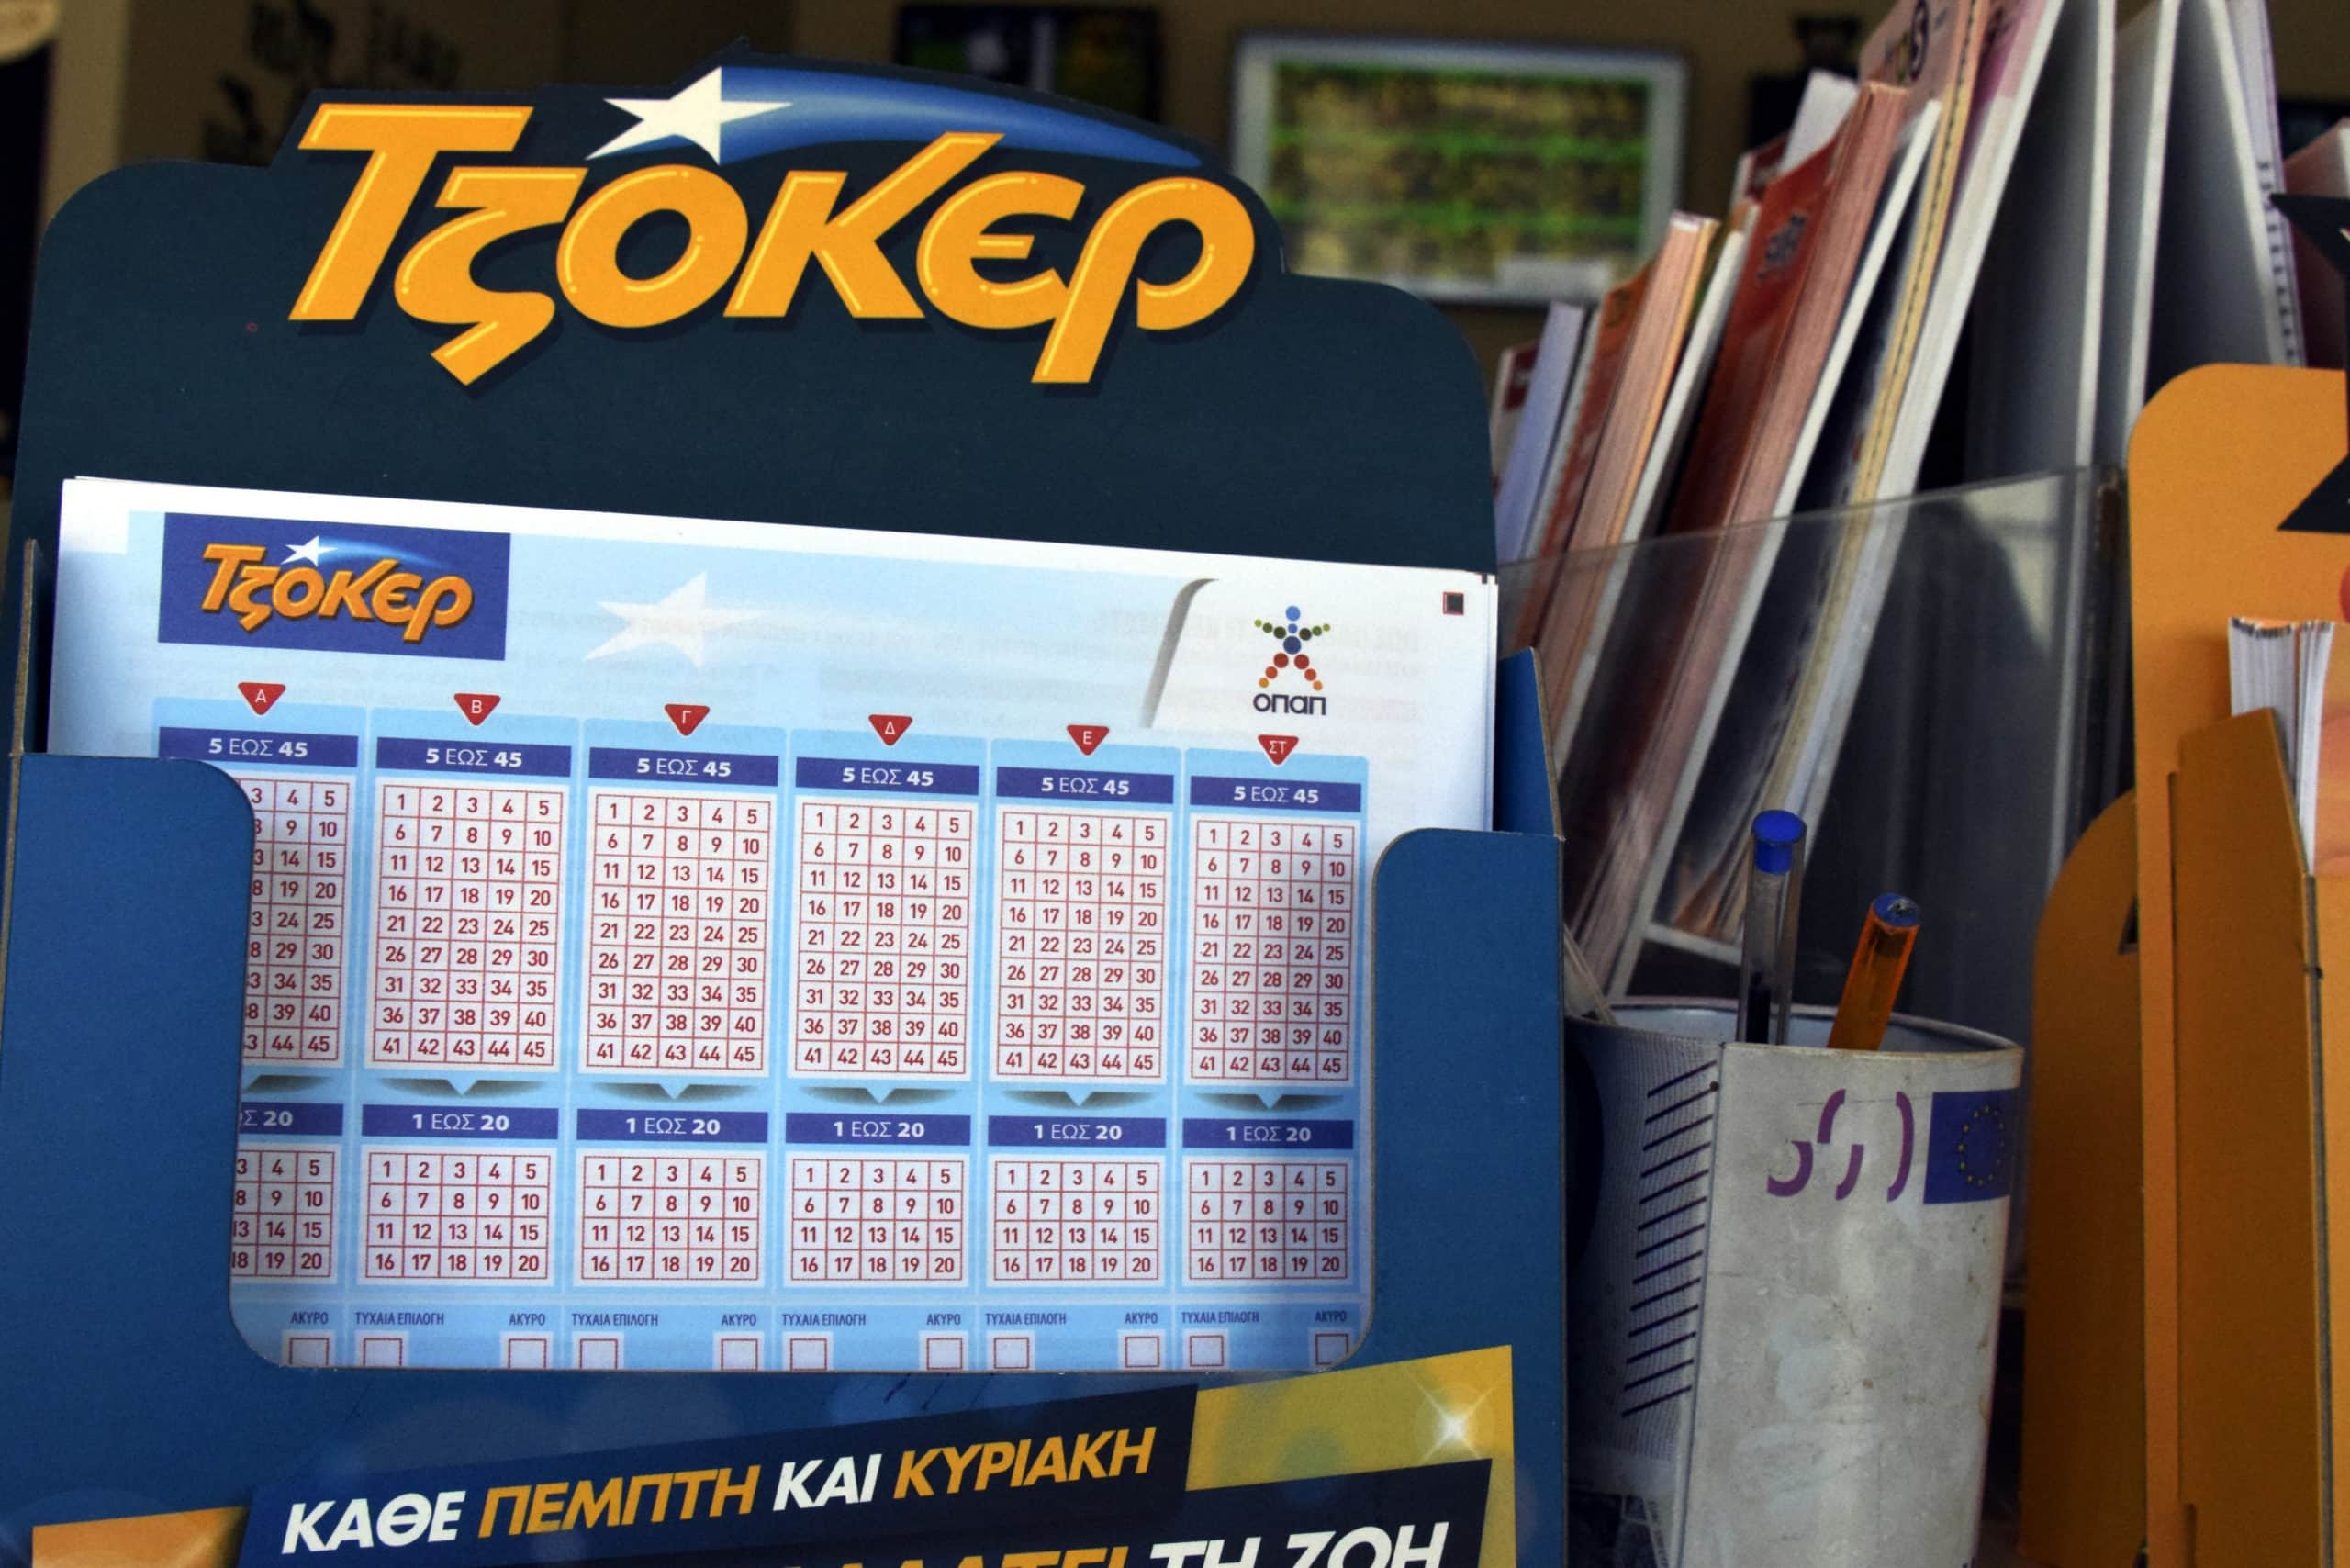 Τζόκερ σήμερα 16/2 Αποτελέσματα: €4,1 εκ δίνουν οι τυχεροί αριθμοί Κλήρωση Τζόκερ σήμερα 23/1 €1.300.000 δίνουν οι αριθμοί νούμερα Joker